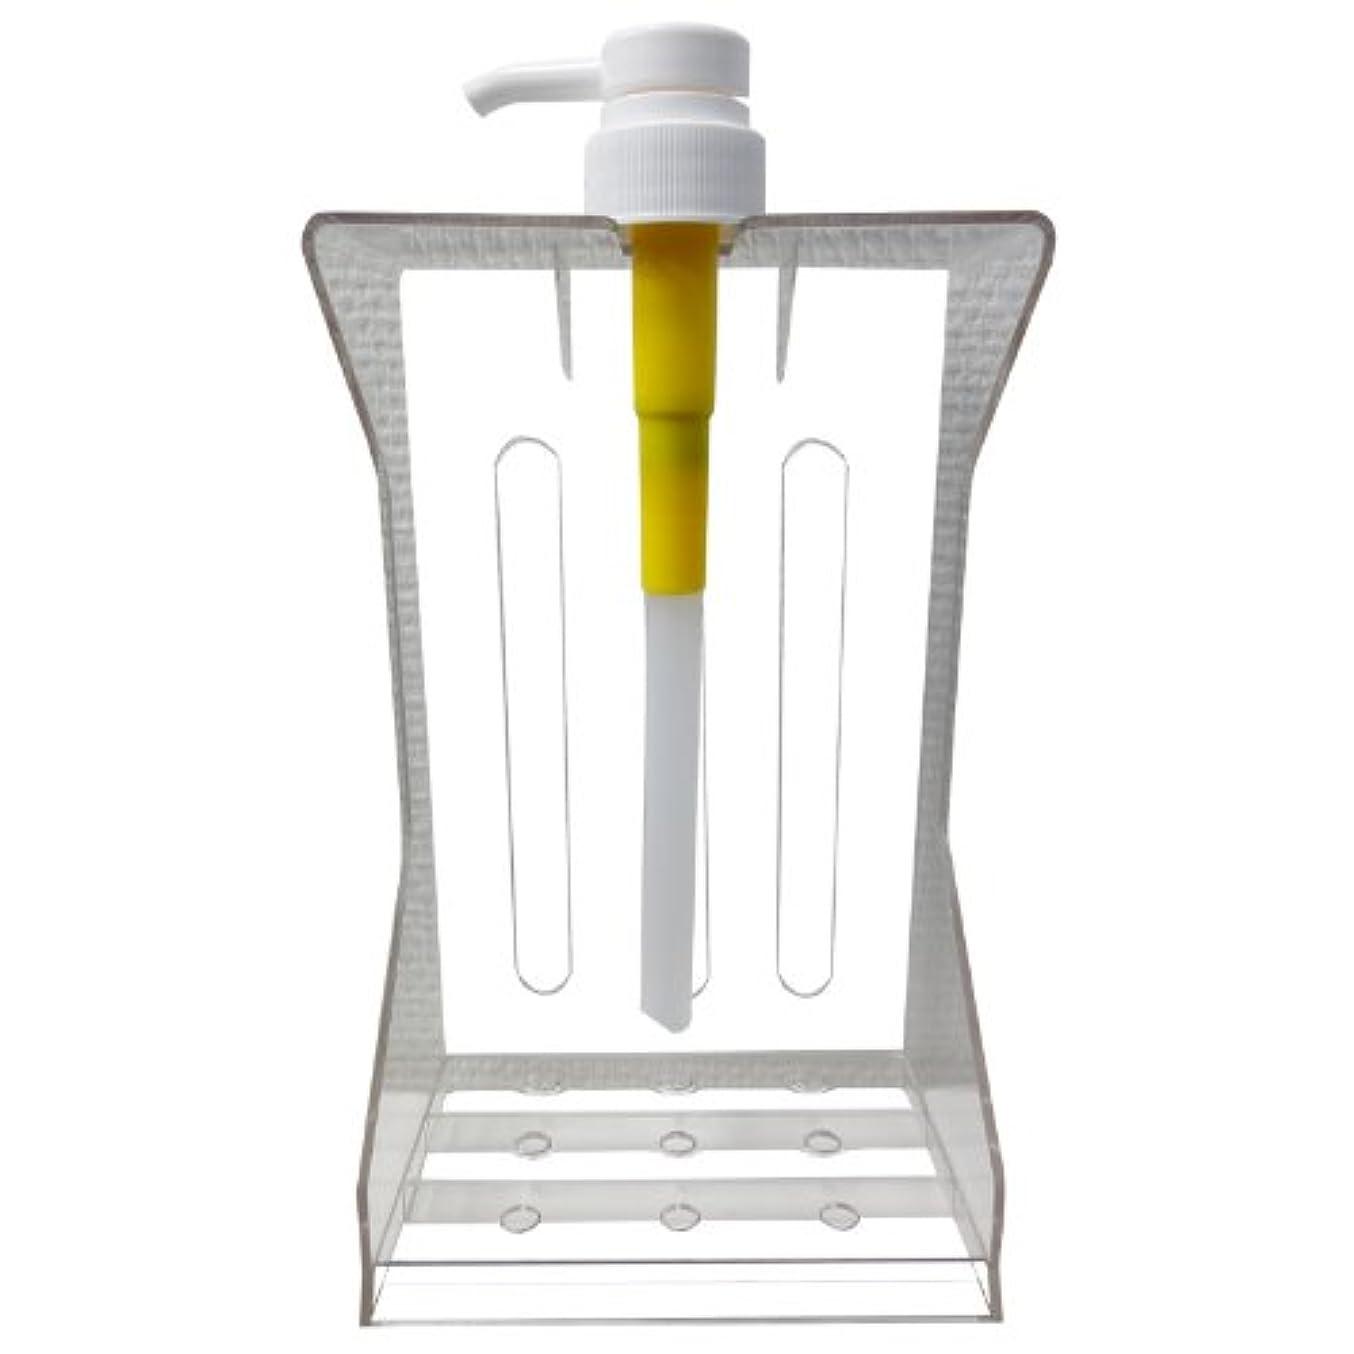 拡大する応答診断するナプラ インプライム プレミアリペア 1 / 3 専用スタンド台&ポンプセット